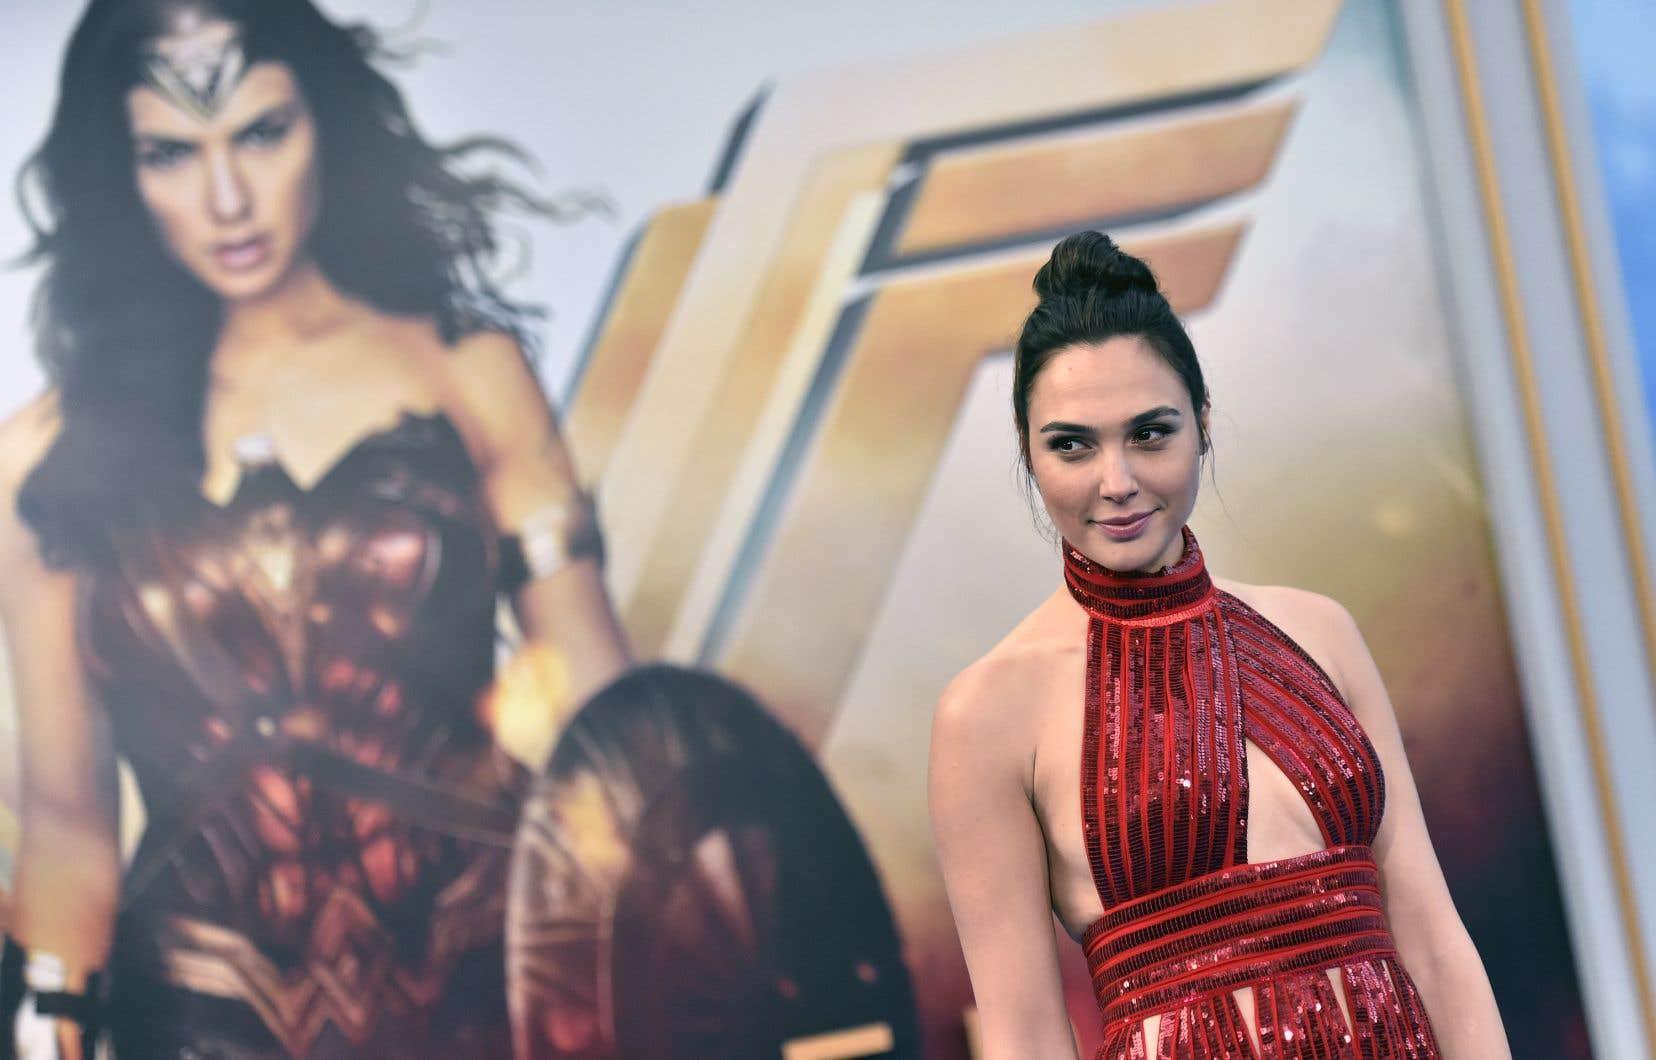 En 2017, «Wonder Woman», dirigé par Patty Jenkins, était le premier film à gros budget du genre à être dirigé par une femme. Le premier rôle était aussi tenu par une femme, l'actrice Gal Gadot (sur la photo). Le film a engendré 413millions au box-office américain.